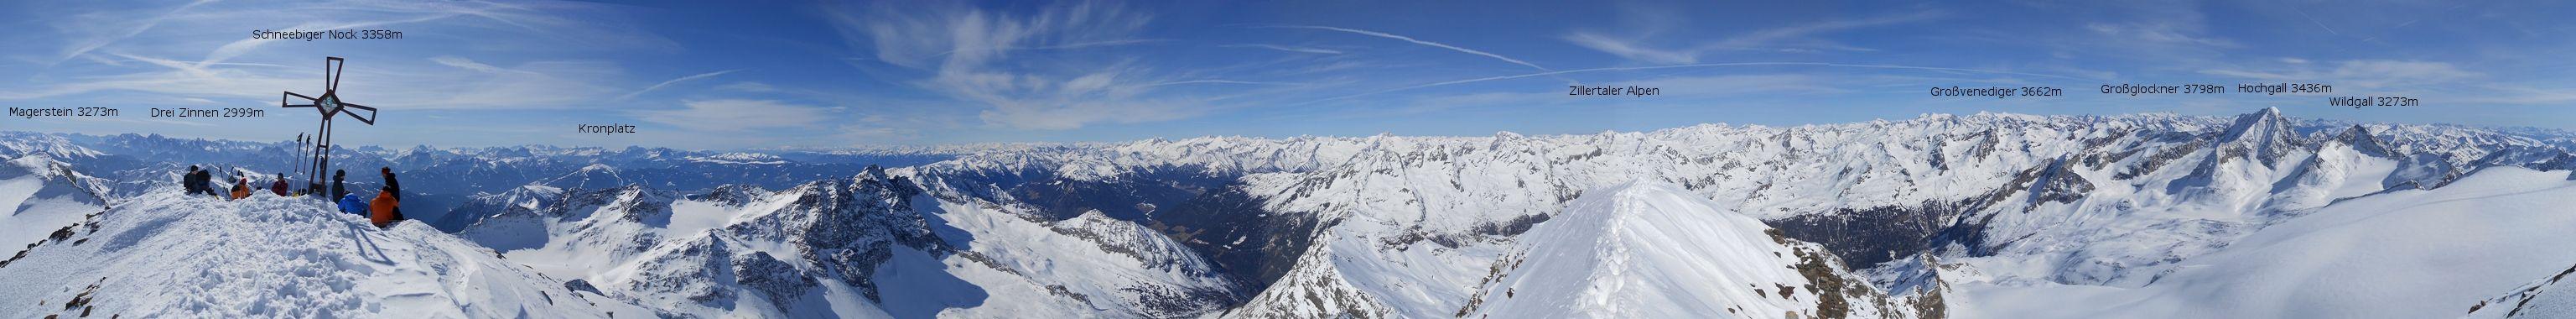 Panorama_SchneebigerNock